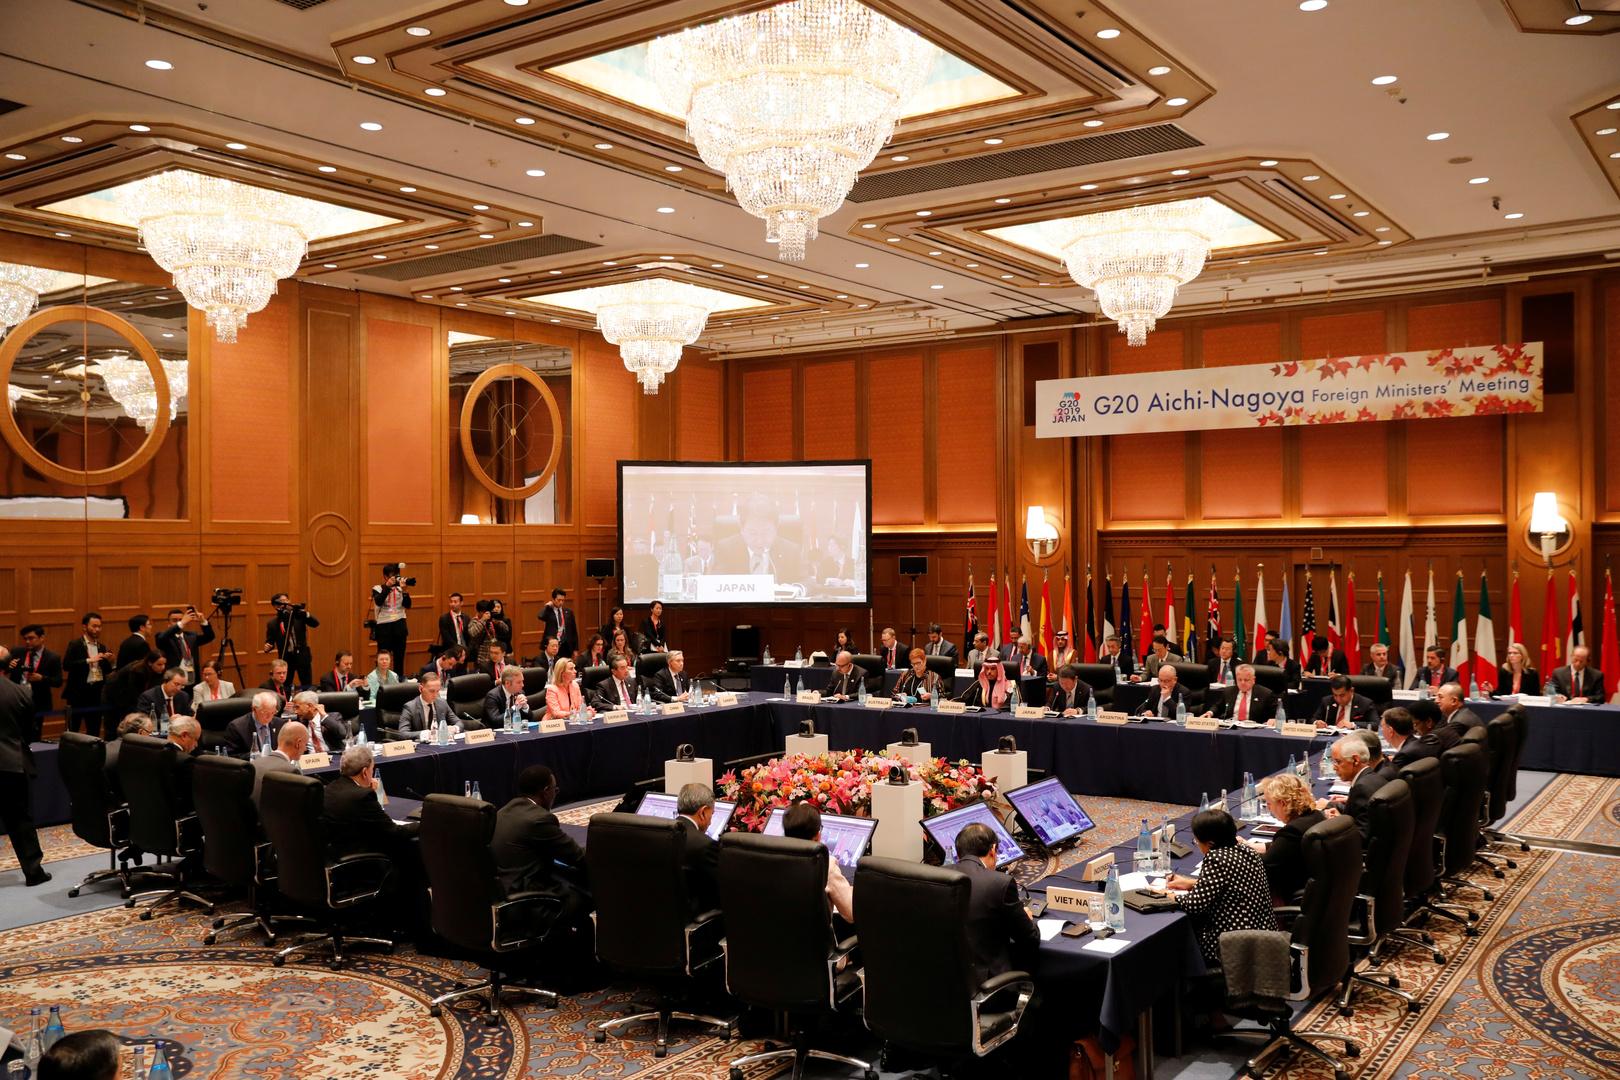 اجتماع لمجموعة العشرين - أرشيف